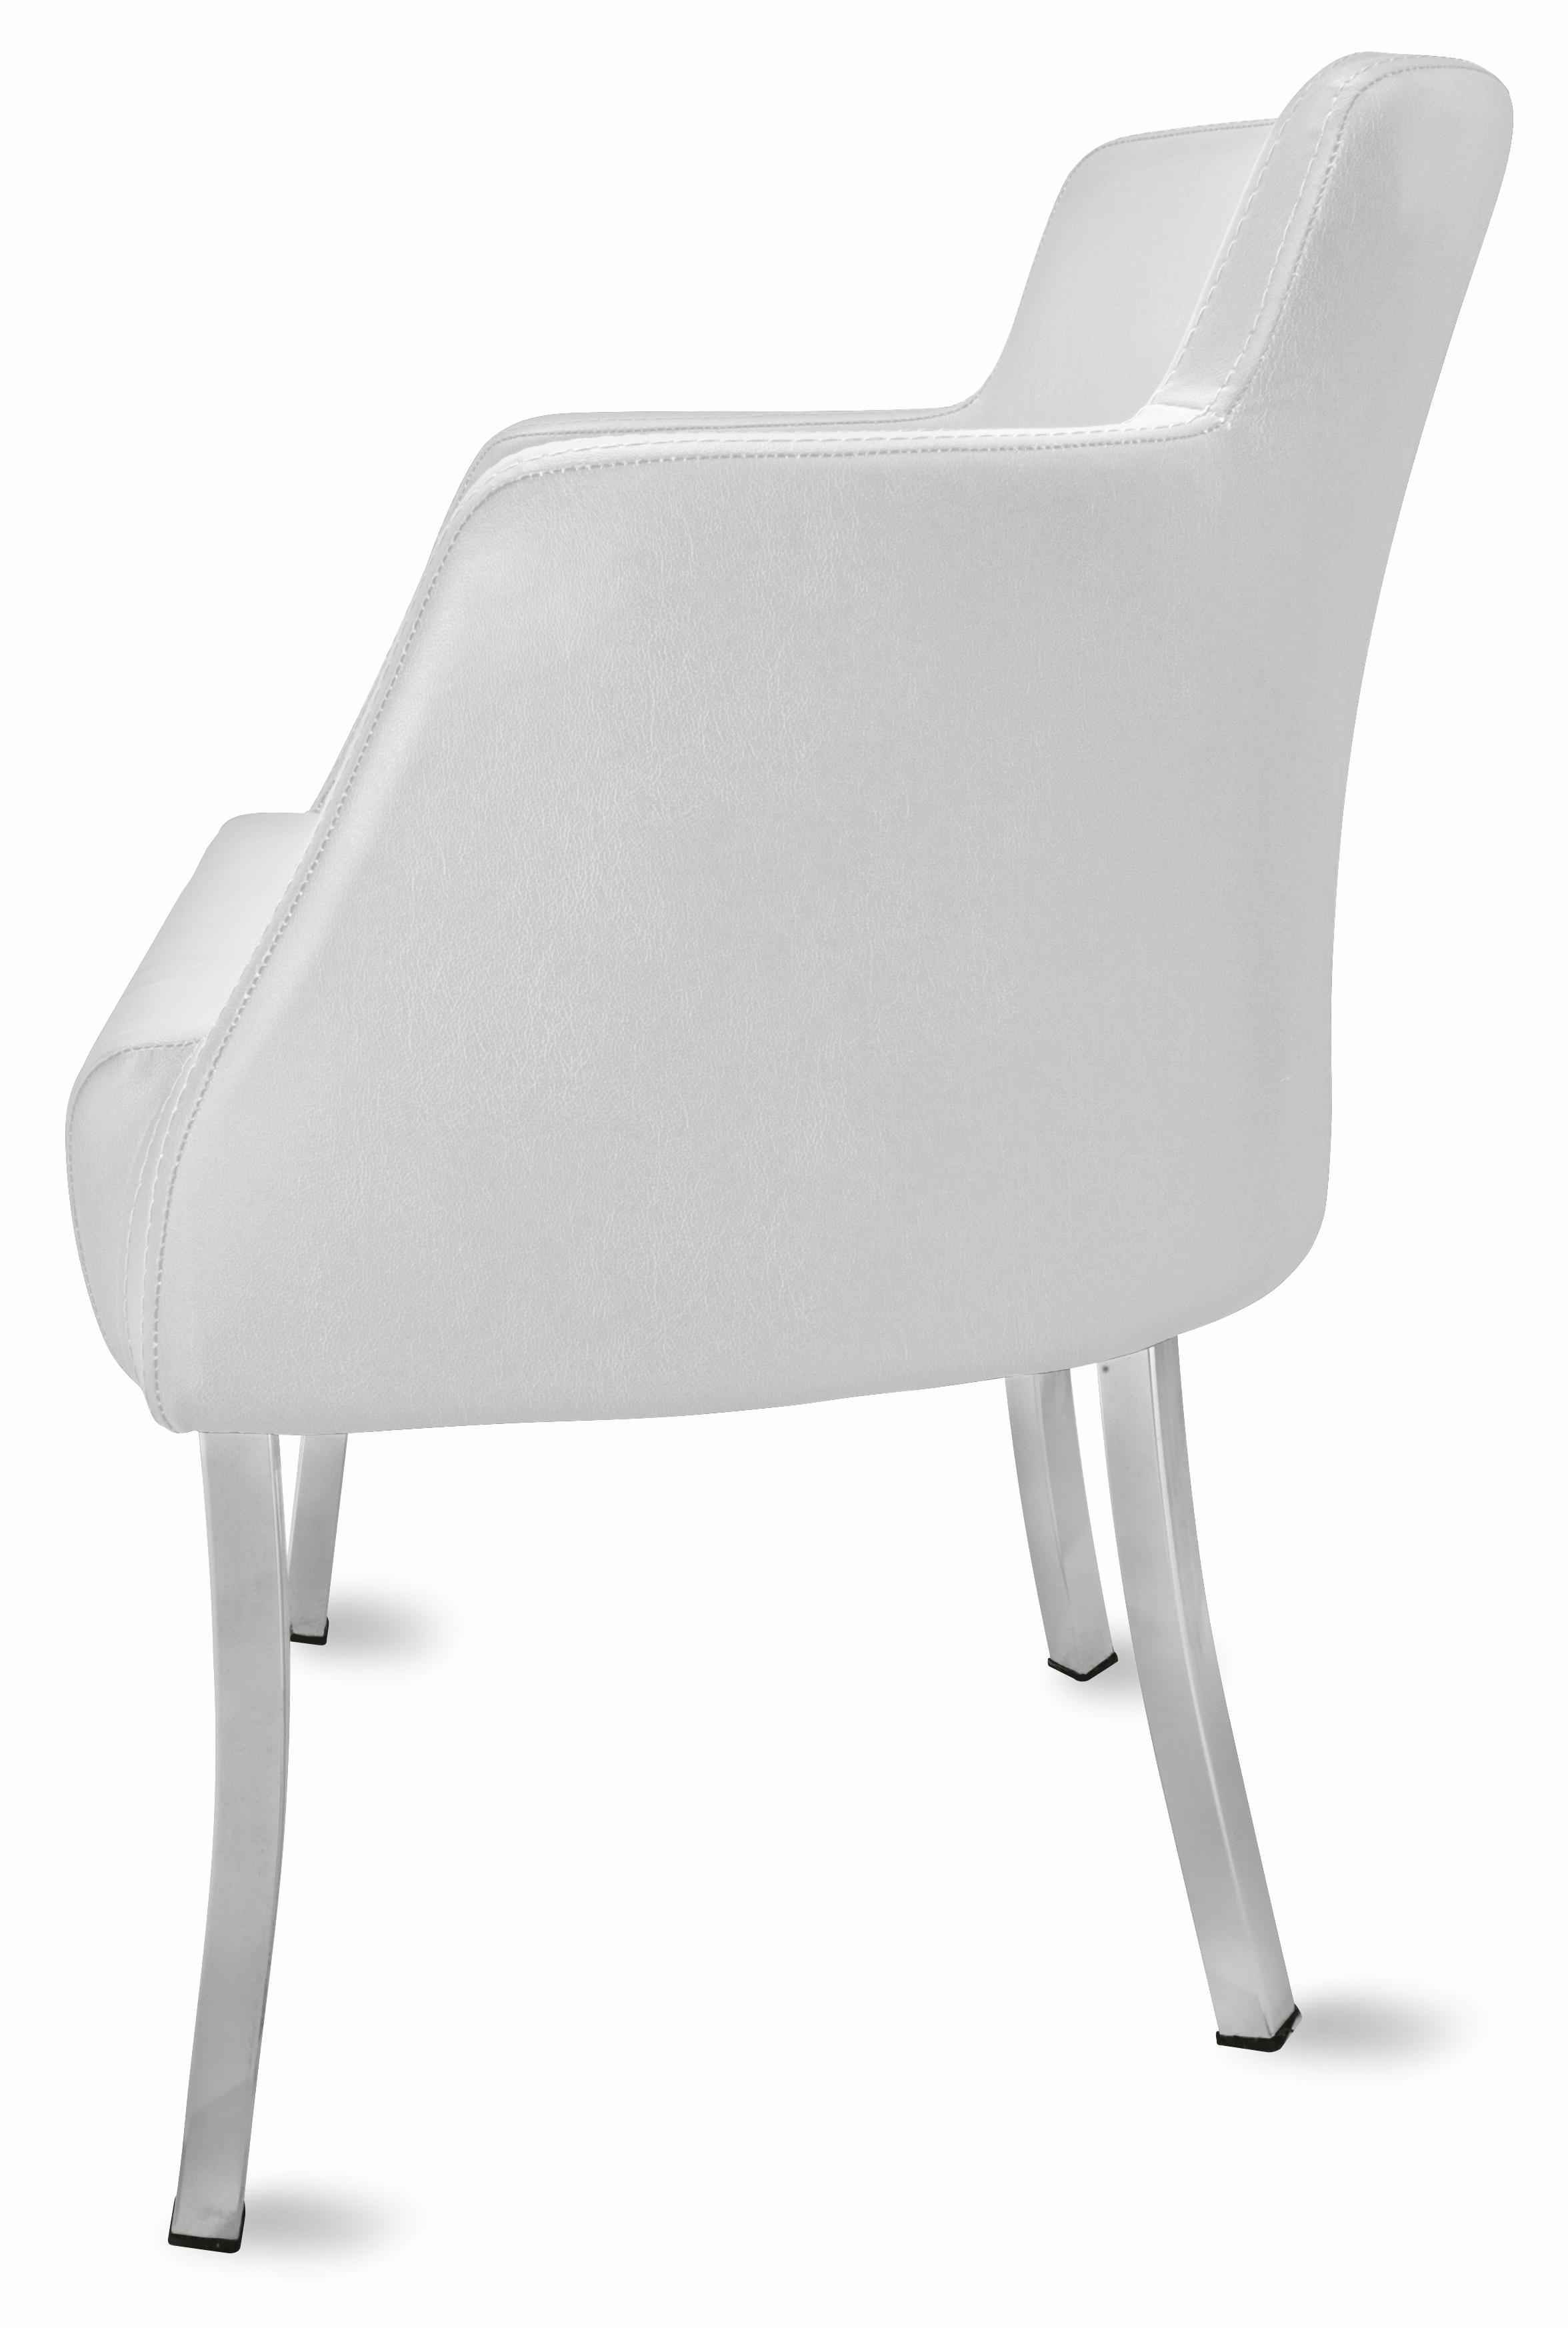 Gastro stuhl sessel primo wei g nstig kaufen m bel star for Sessel stuhl